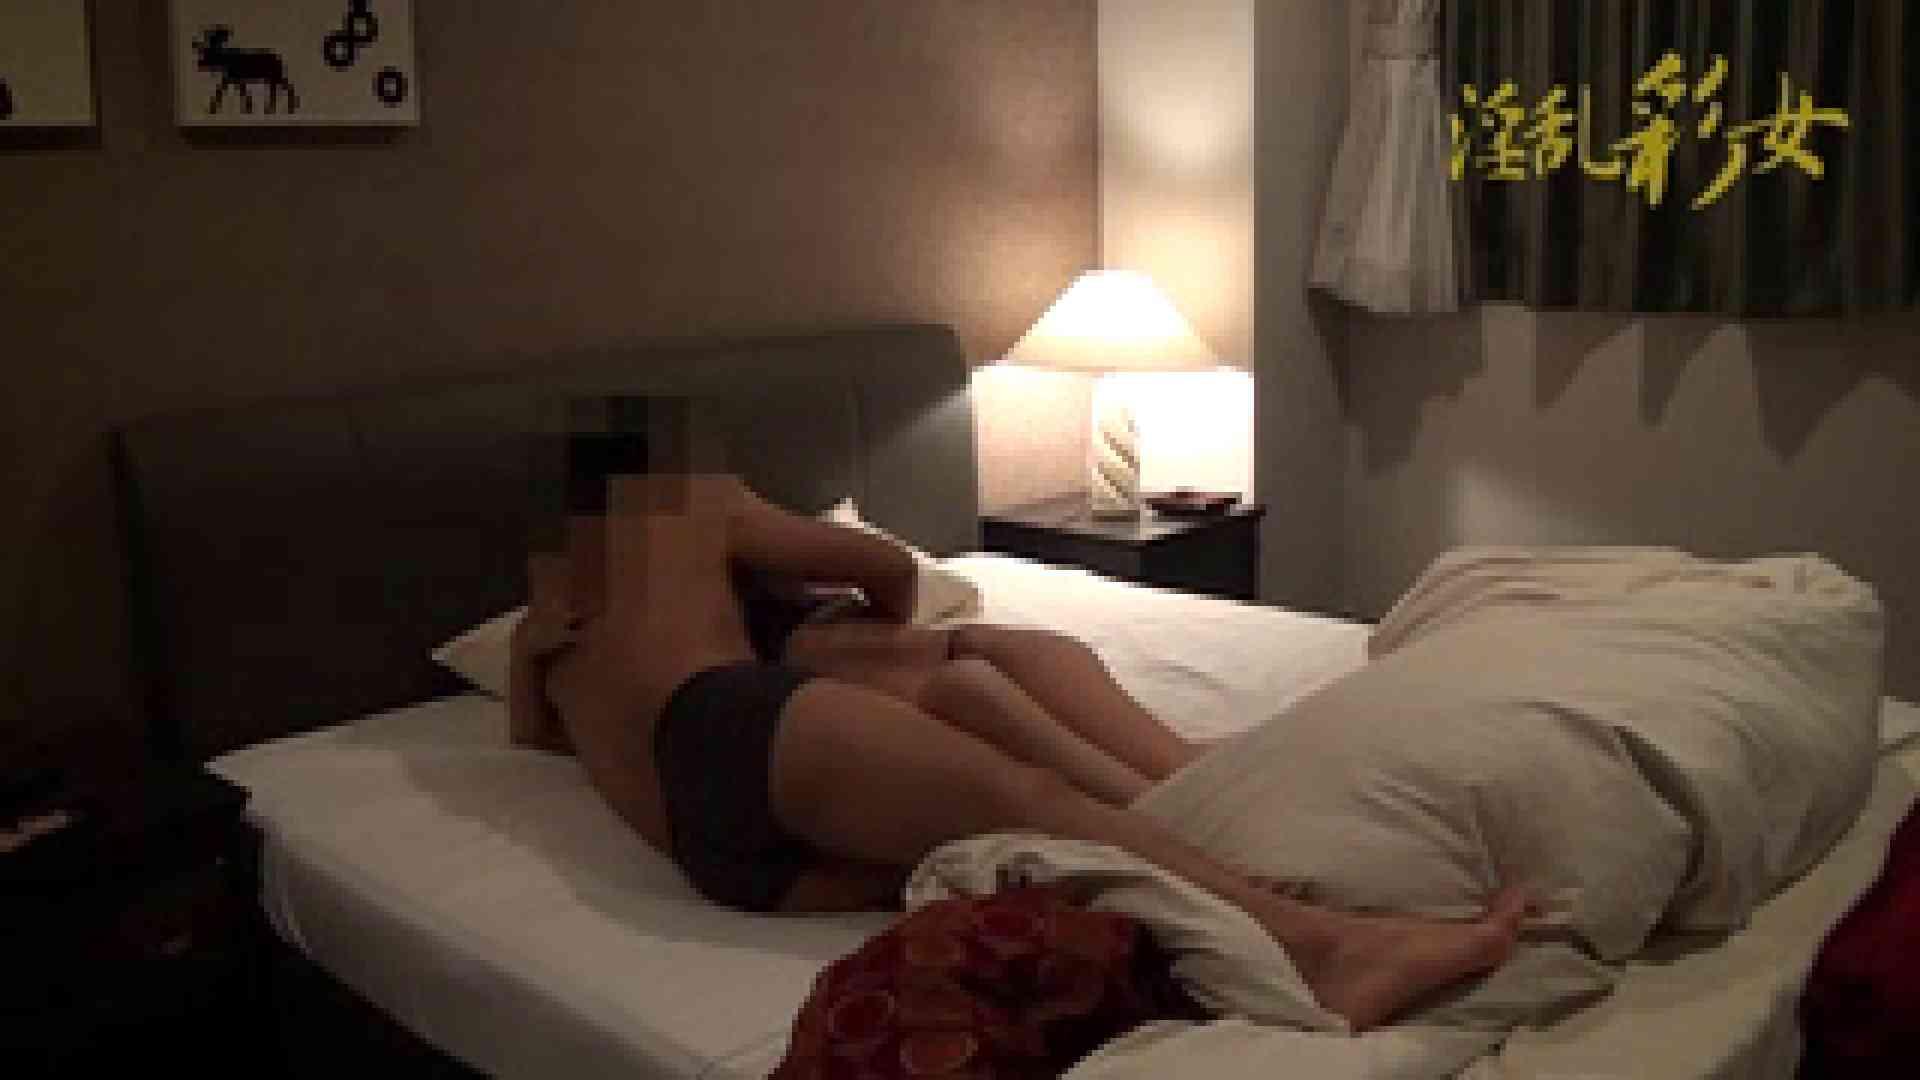 淫乱彩女麻優里 30歳デカマラ単独君 ハイビジョン ホテル潜入   SEX  103pic 51